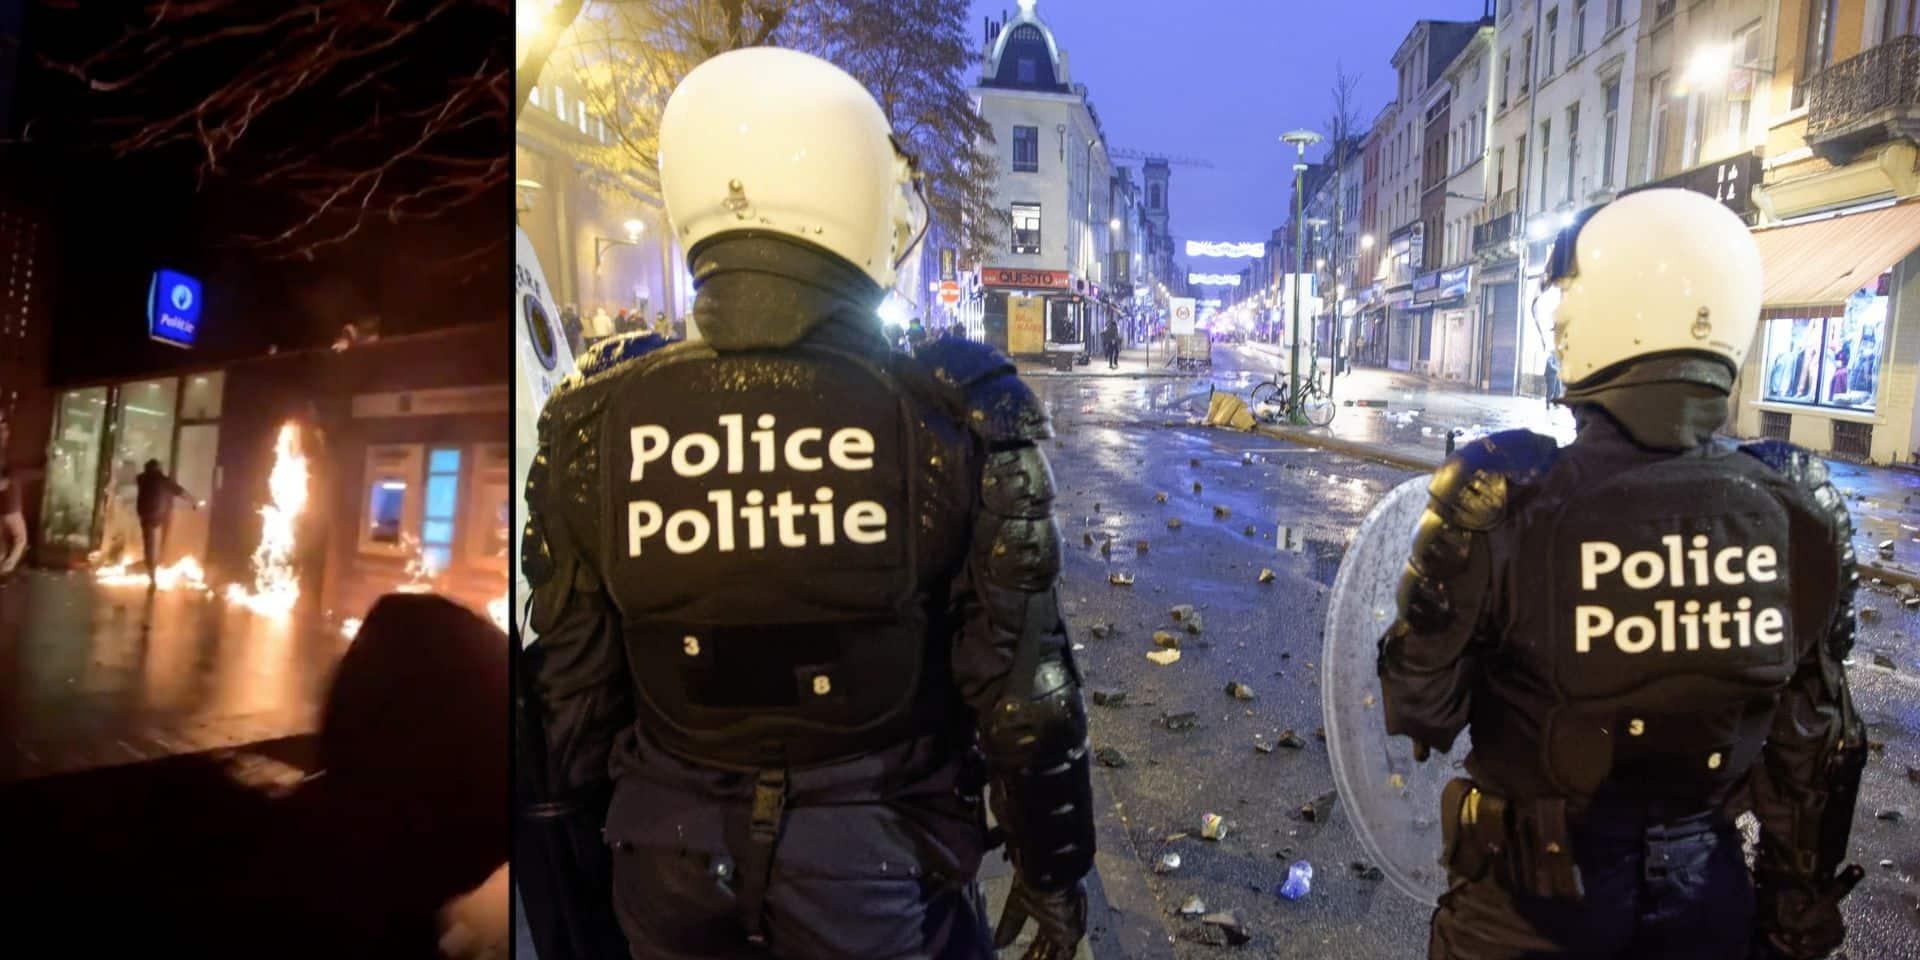 Bilan des émeutes après la manifestation pour Ibrahima: deux majeurs et un mineur privés de liberté